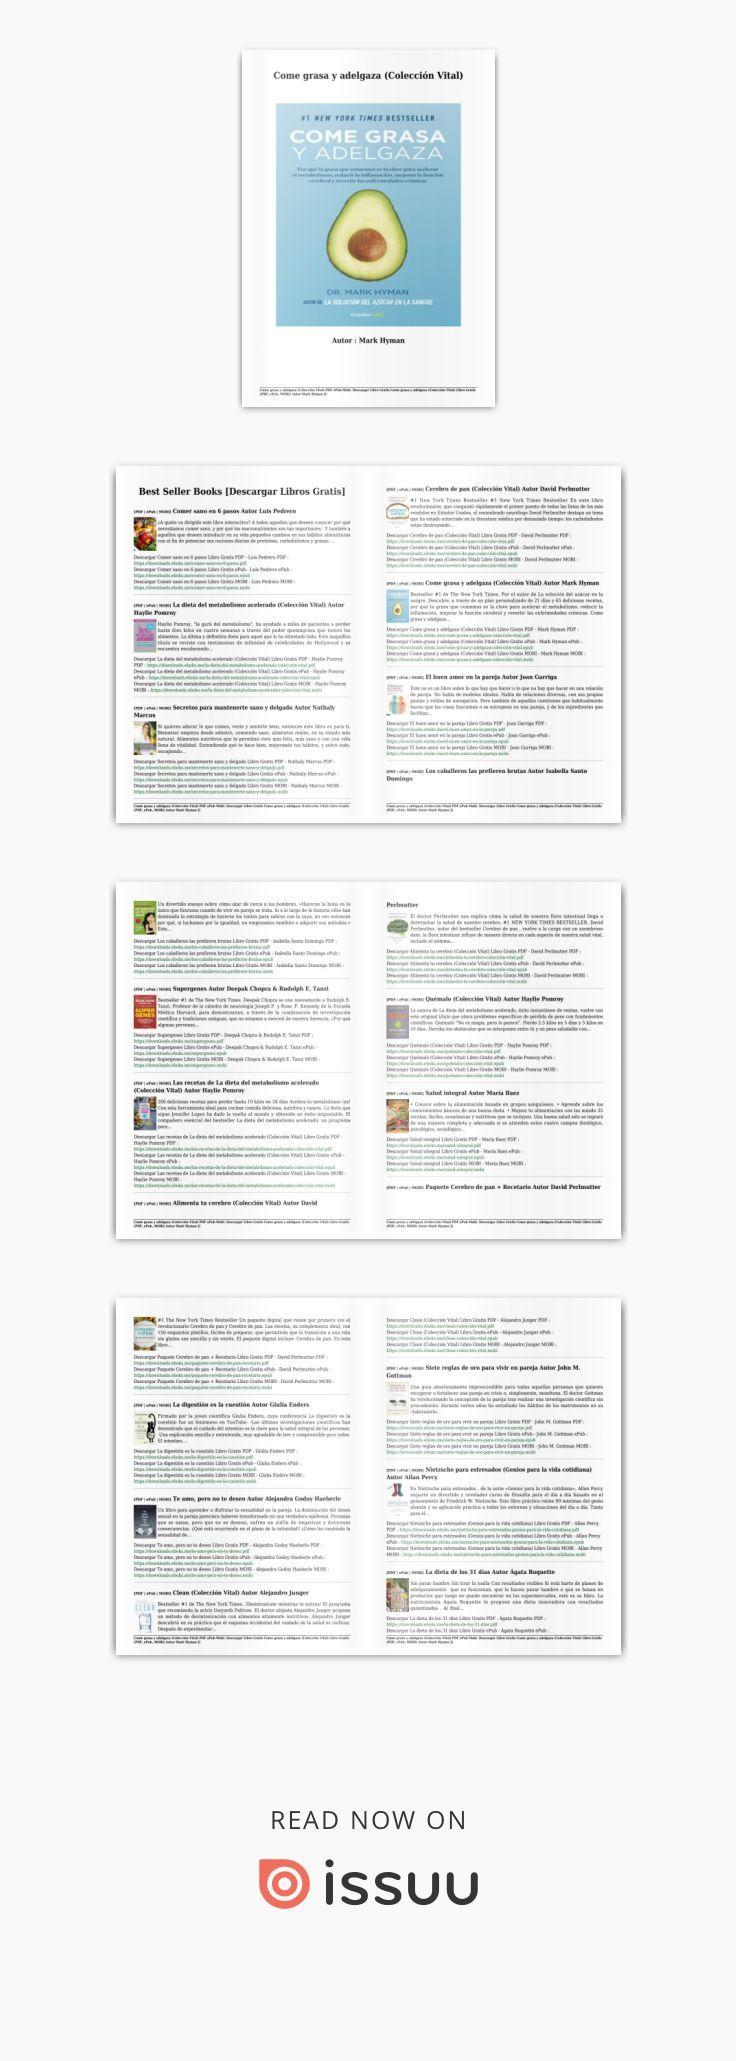 libro come grasa y adelgaza pdf gratis